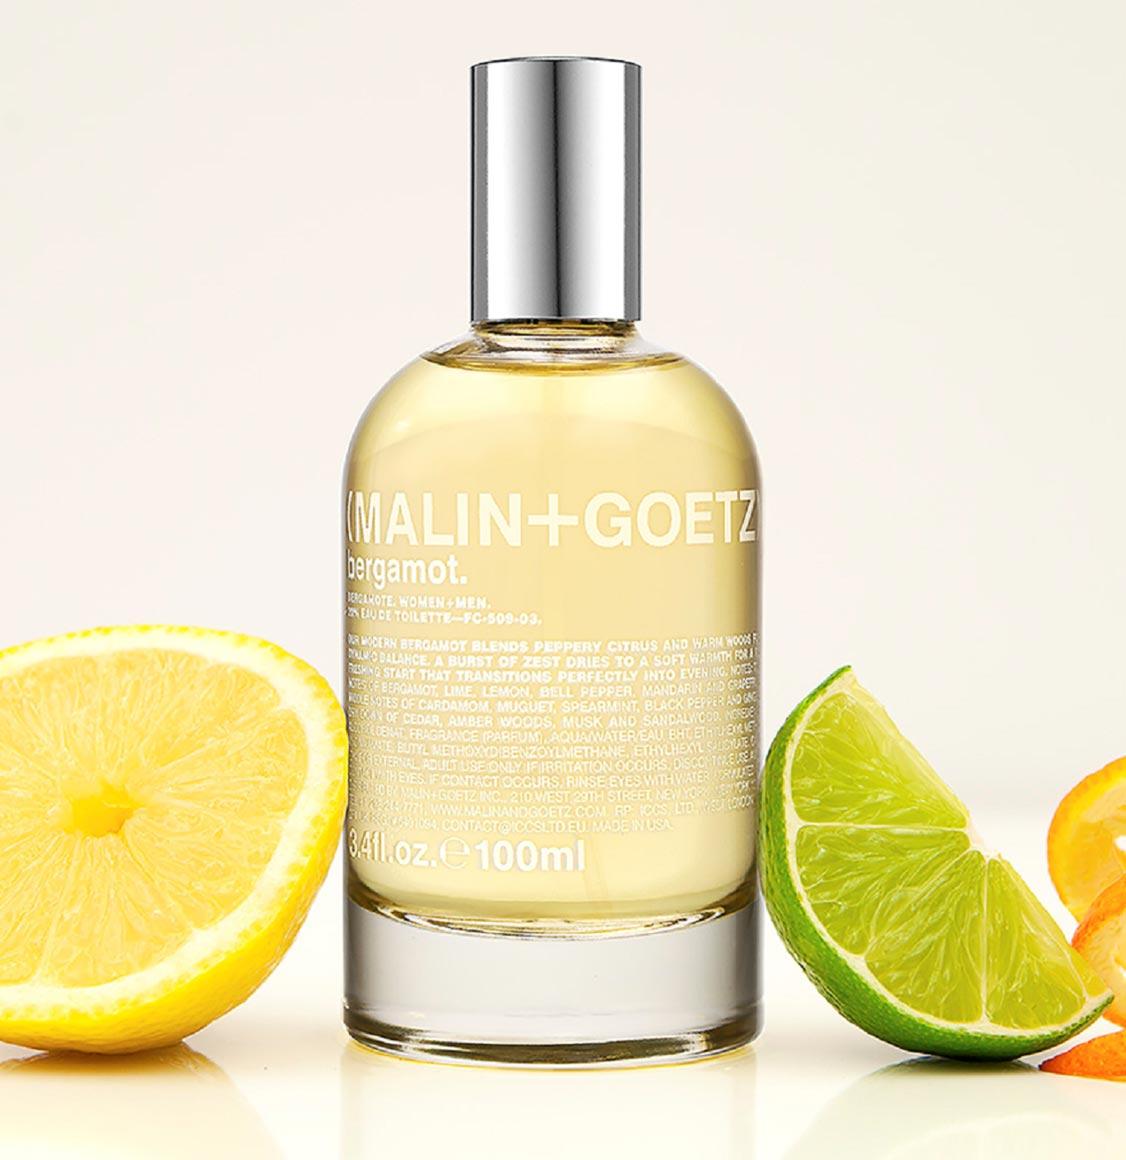 Malin and Goetz Bergamot Eau de Parfum 100ml